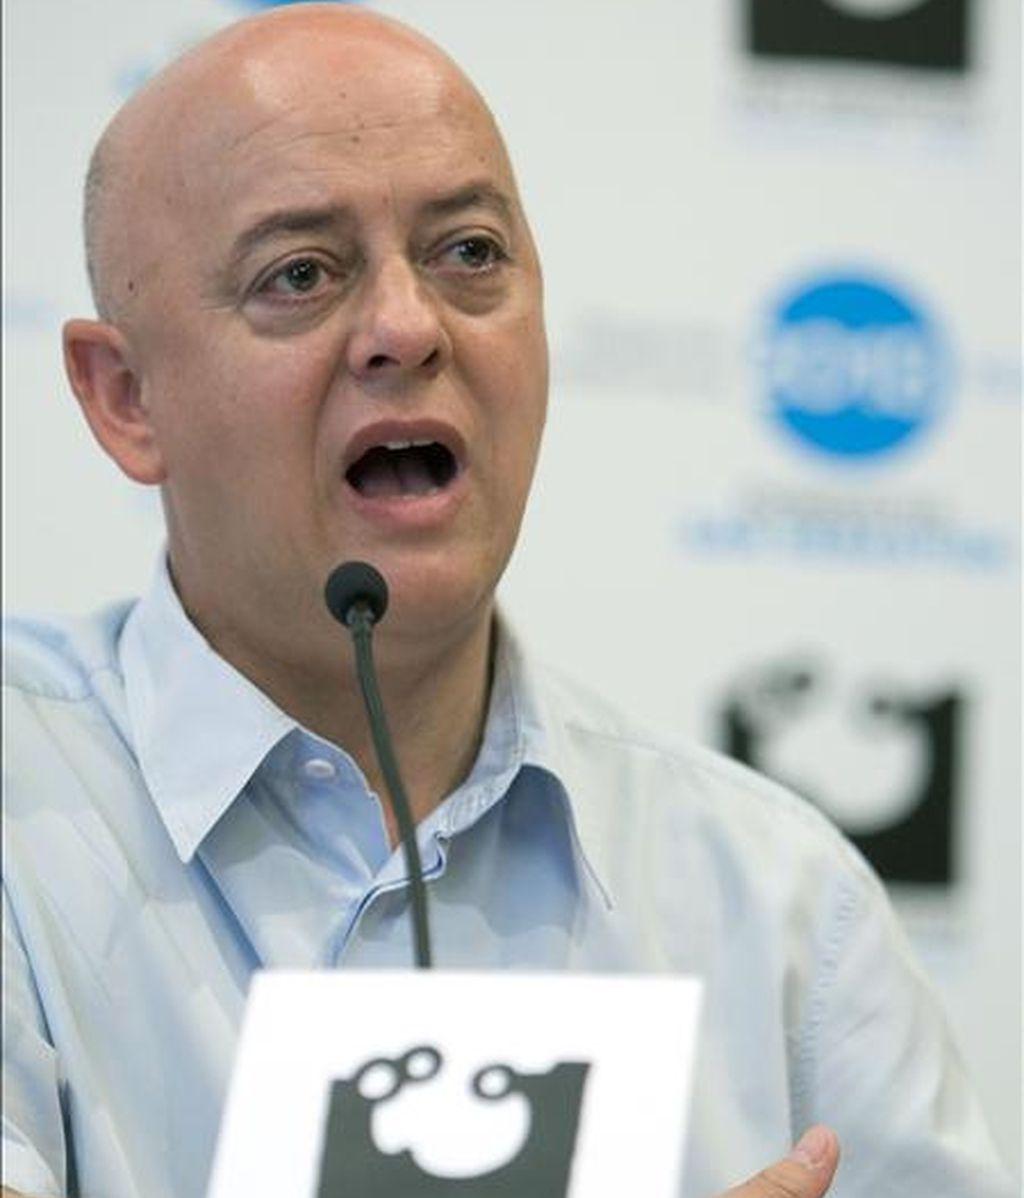 El alcalde de San Sebastián, Odón Elorza. EFE/Archivo